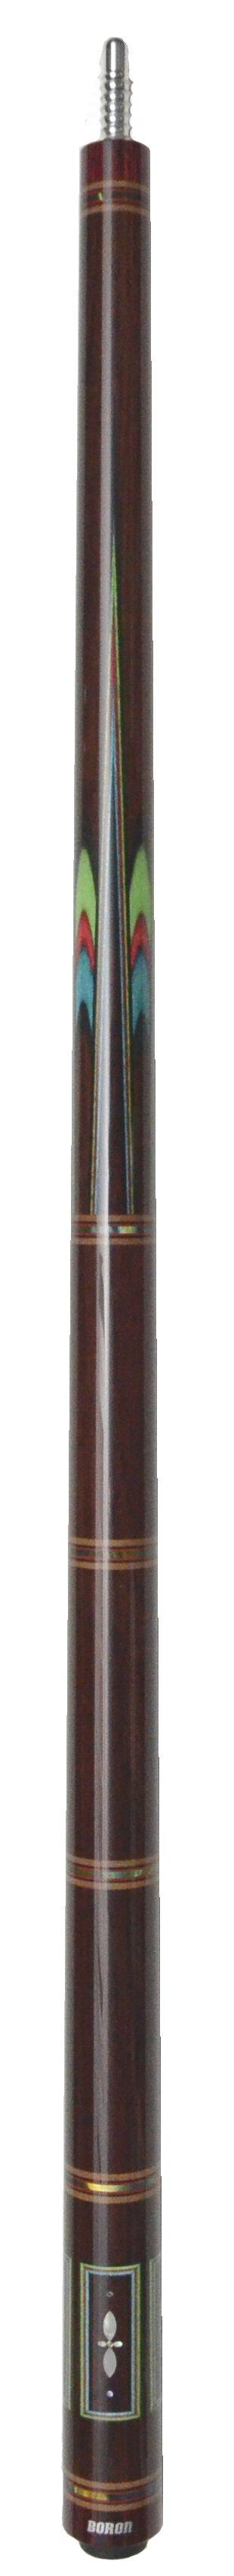 【BORON】紫檀ベース バタフライ4剣+3分割グリップ